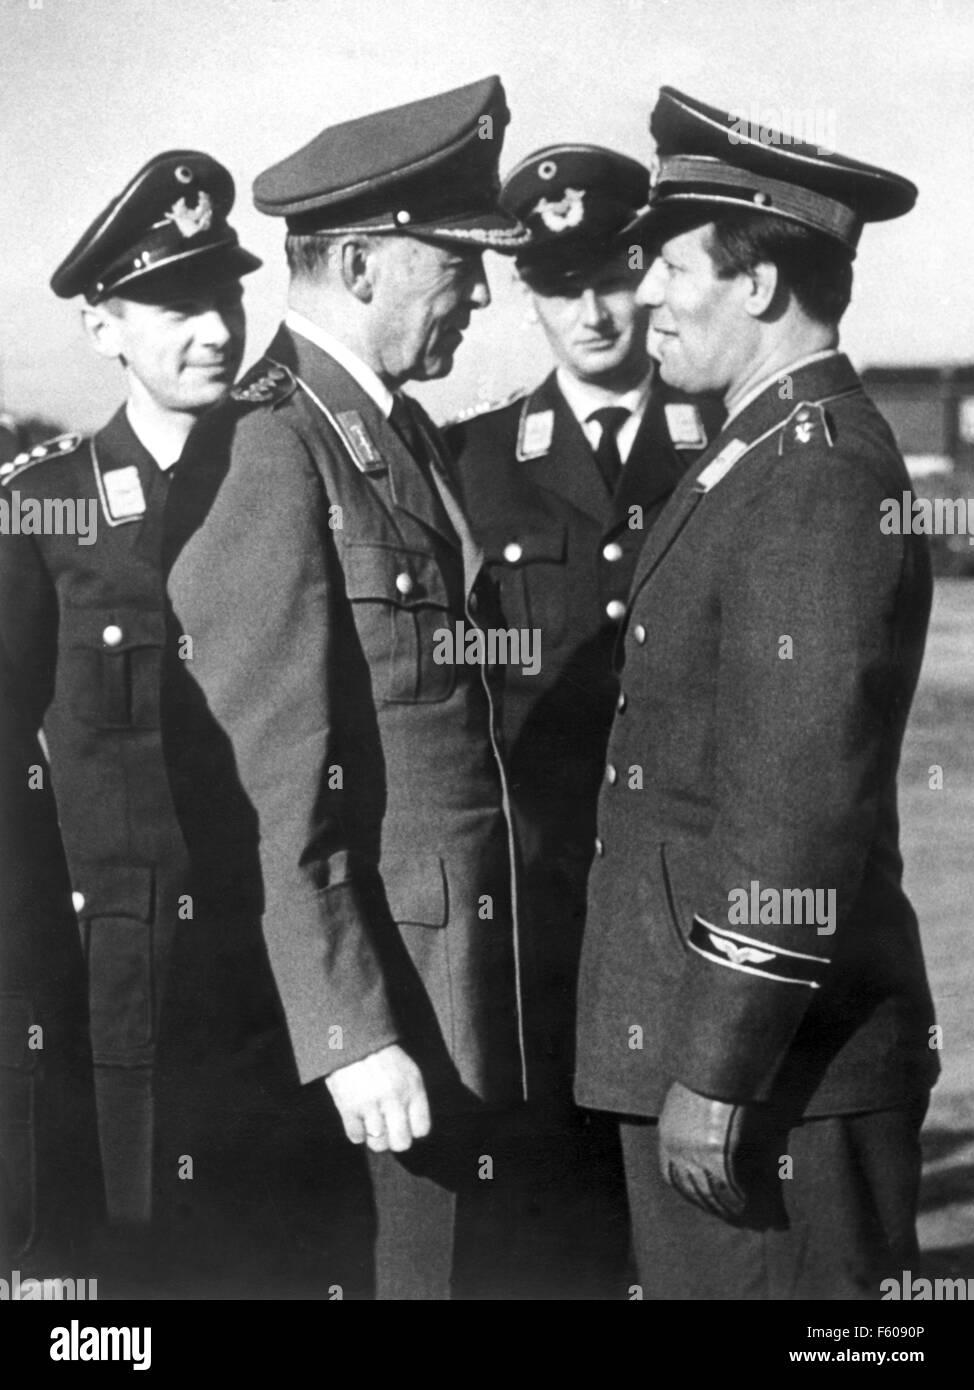 Le général Hans Röttiger (L) au cours d'un entretien avec Helmut Schmidt (R), l'expert en armes du Bundestag SPD faction, lors d'une visite de l'école à Rendsburg le 23 octobre 1958. Banque D'Images